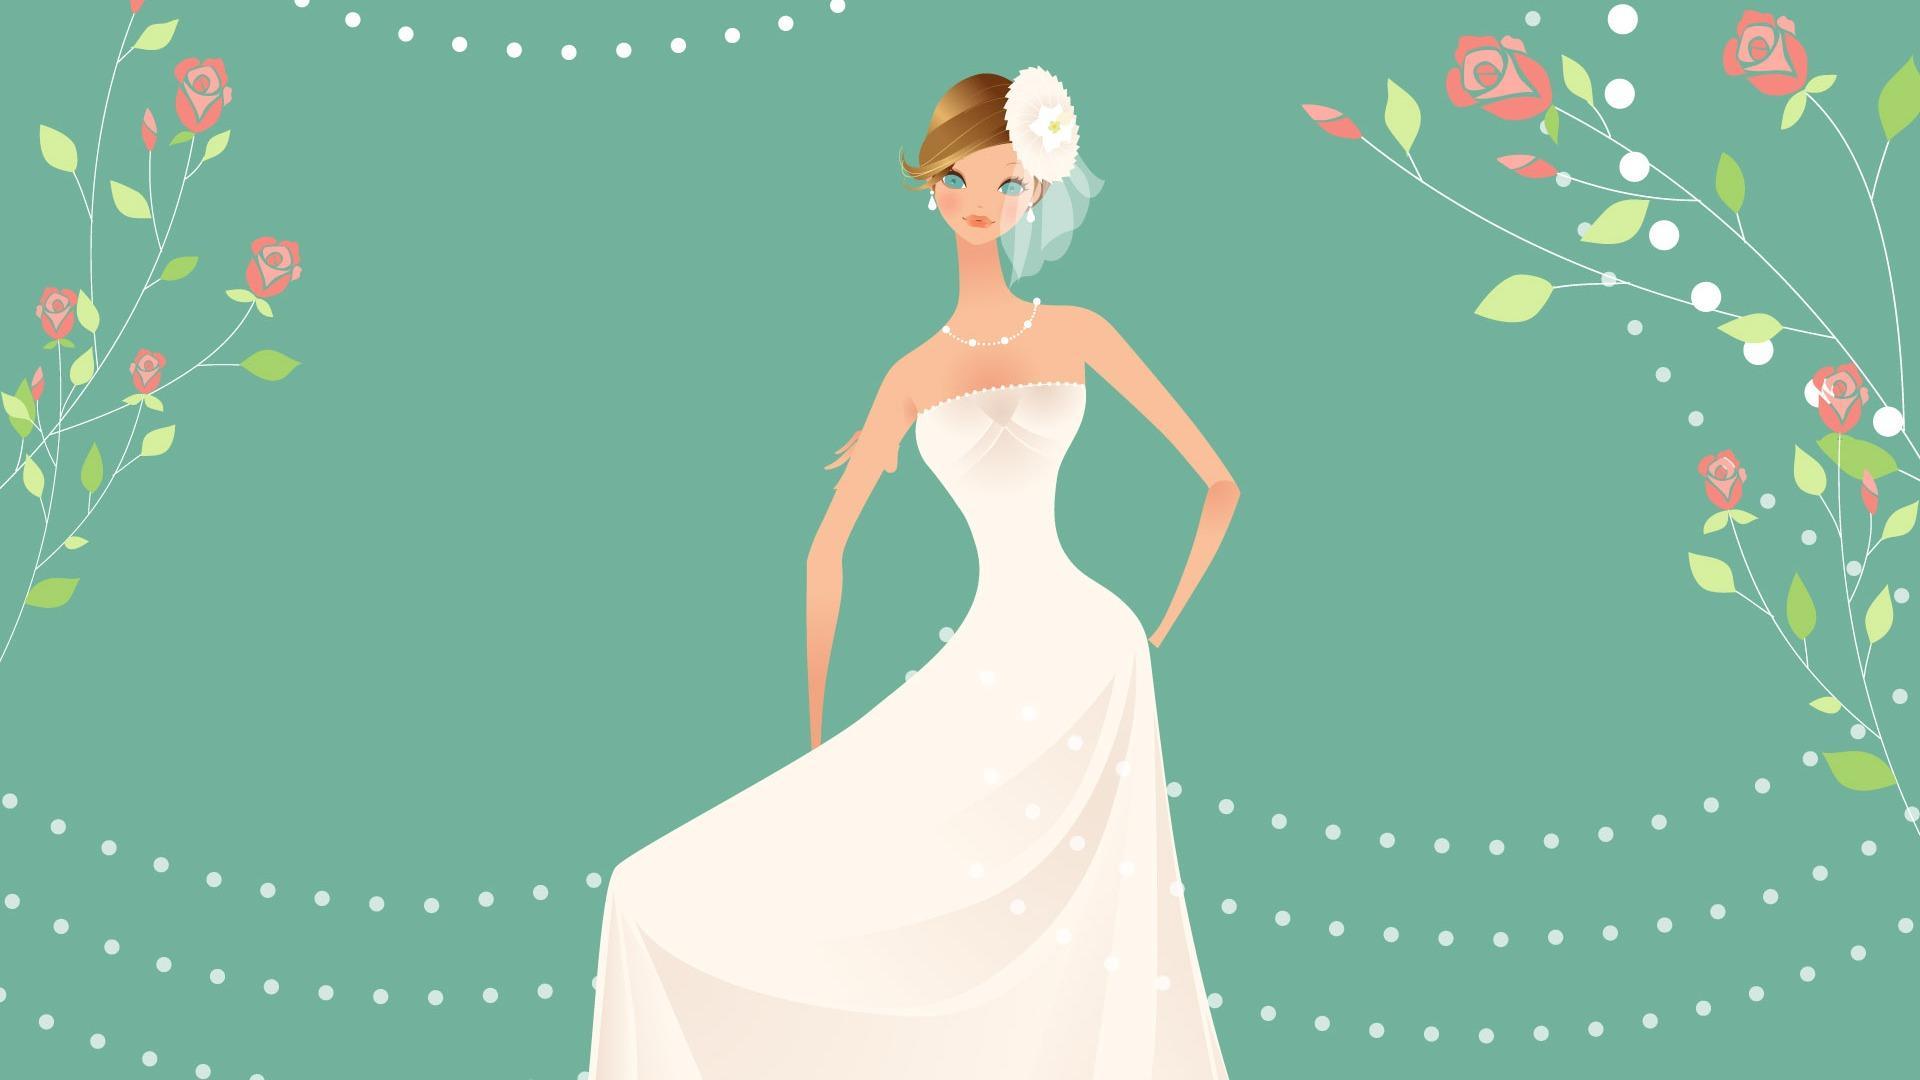 Картинки с рисунком невесты